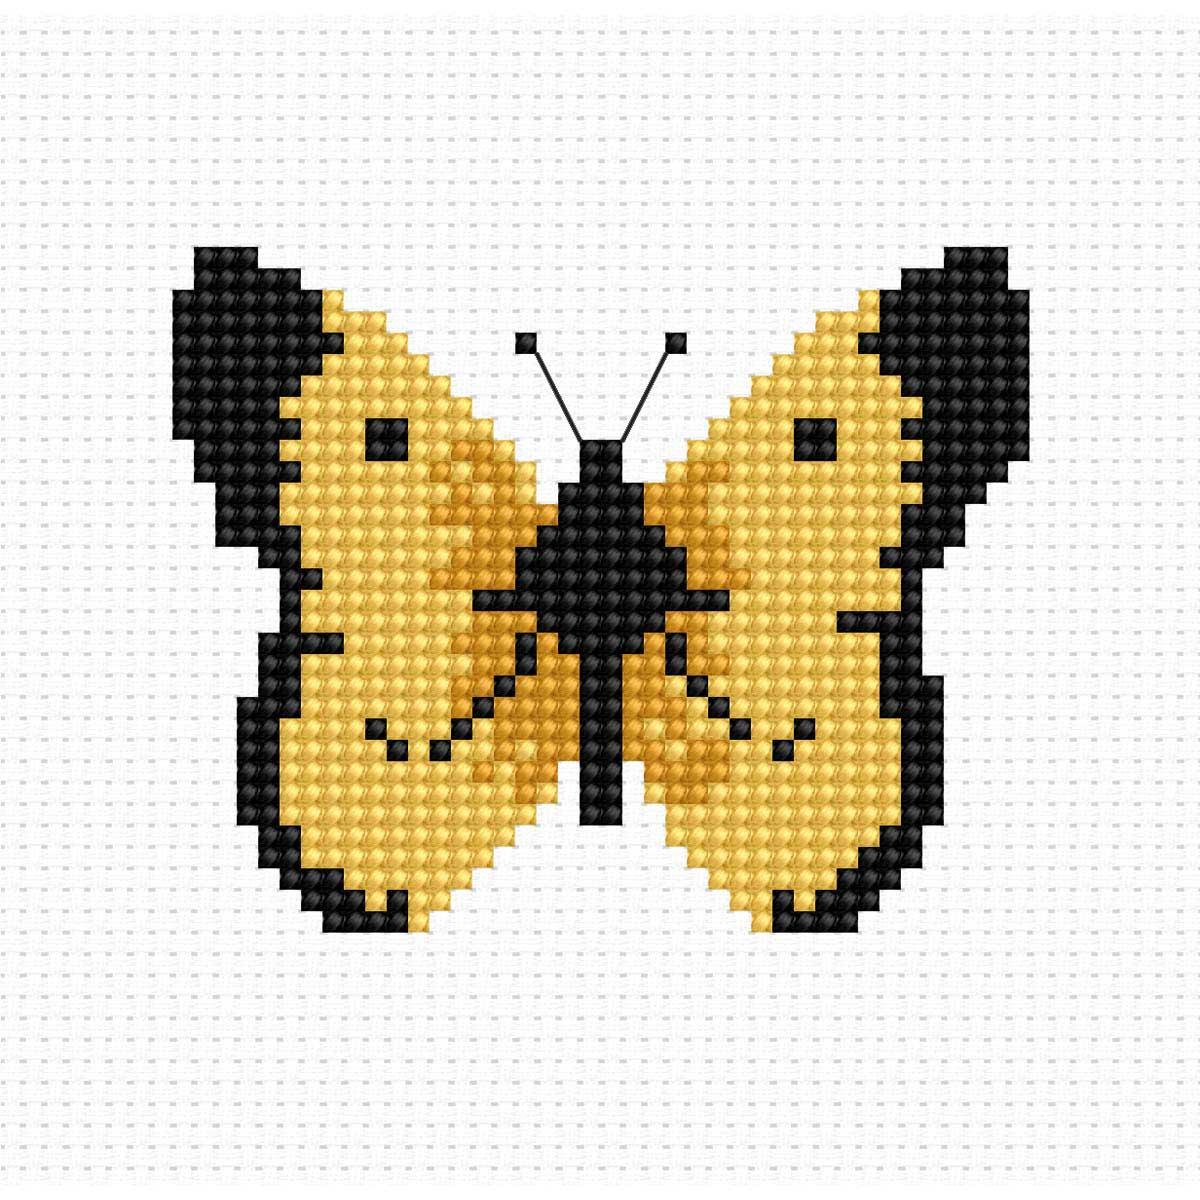 B004 Набор для вышивания 'Моя первая вышивка. Бабочка' 7*6см, Luca-S